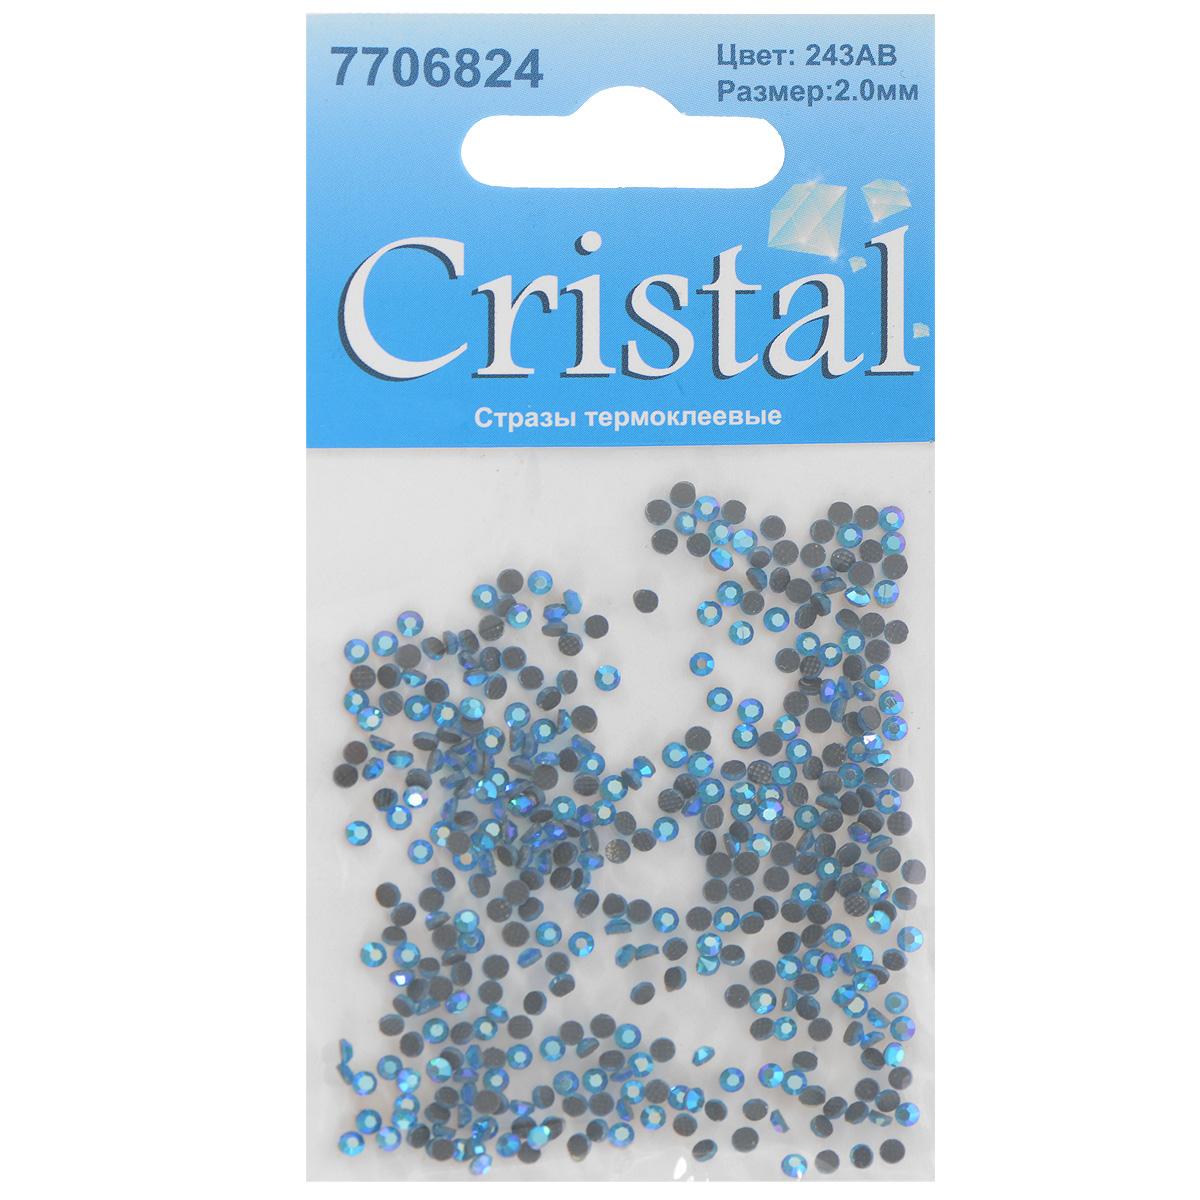 Стразы термоклеевые Cristal, цвет: светло-синий (243АВ), диаметр 2 мм, 432 шт7706824_243ABНабор термоклеевых страз Cristal, изготовленный из высококачественного акрила, позволит вам украсить одежду, аксессуары или текстиль. Яркие стразы имеют плоское дно и круглую поверхность с гранями. Дно термоклеевых страз уже обработано особым клеем, который под воздействием высоких температур начинает плавиться, приклеиваясь, таким образом, к требуемой поверхности. Чаще всего их используют в текстильной промышленности: стразы прикладывают к ткани и проглаживают утюгом с обратной стороны. Также можно использовать специальный паяльник. Украшение стразами поможет сделать любую вещь оригинальной и неповторимой. Диаметр страз: 2 мм.